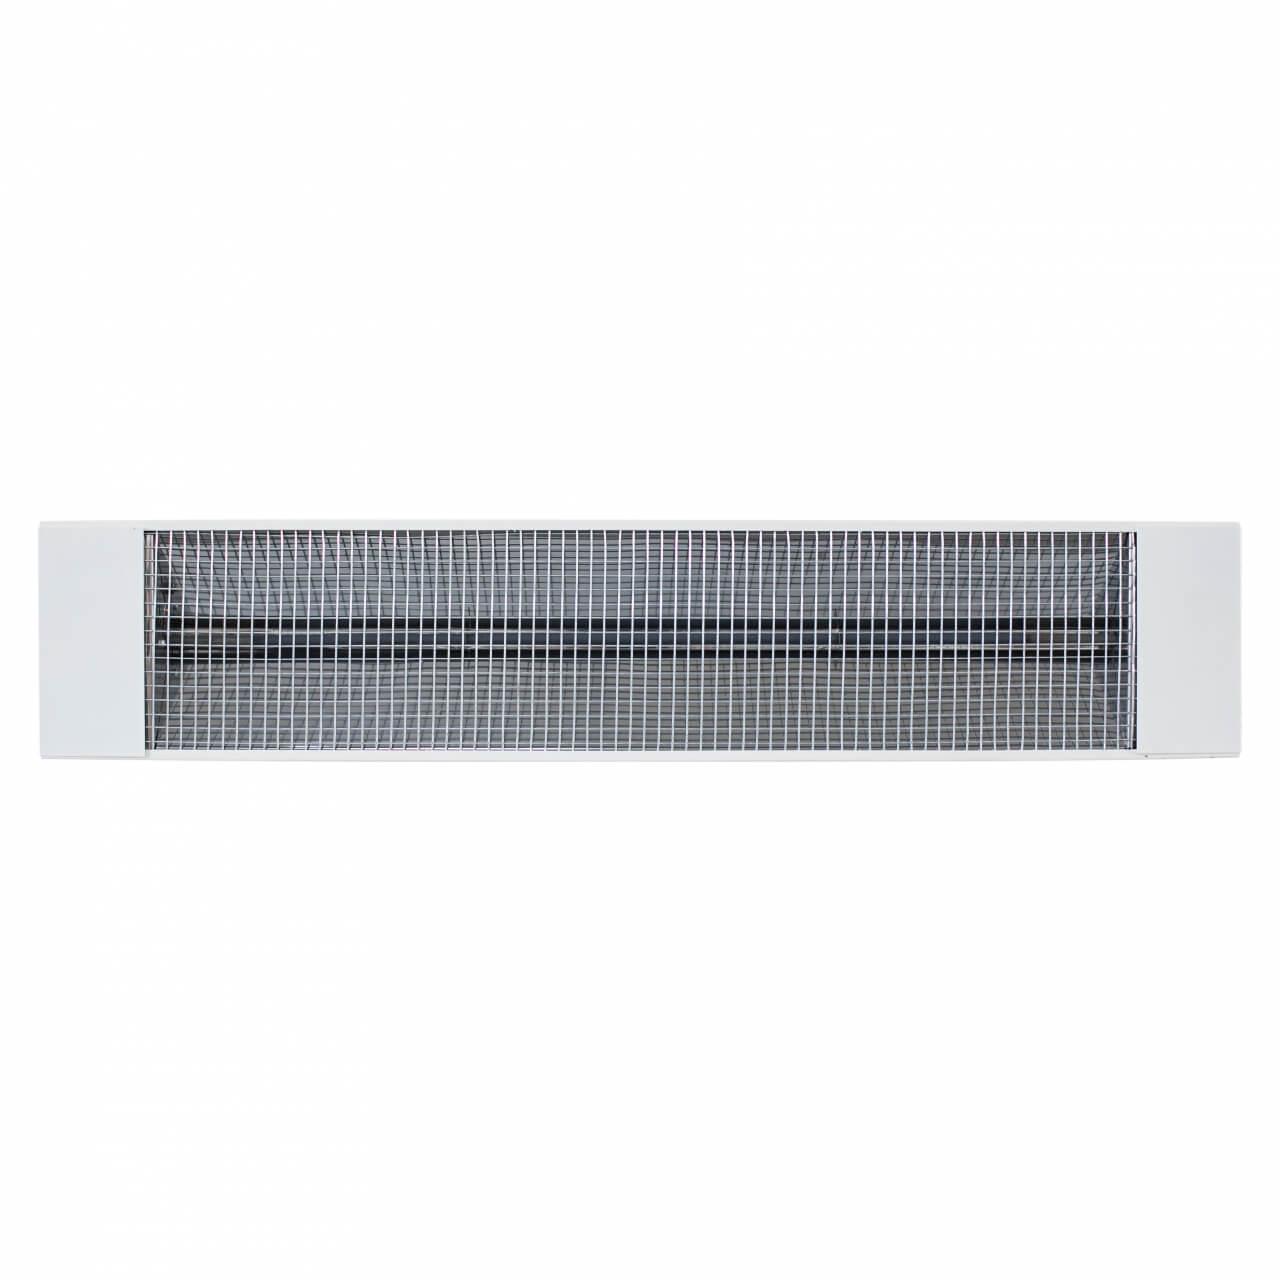 Инфракрасный обогреватель - Теплофон ИКО 0,5